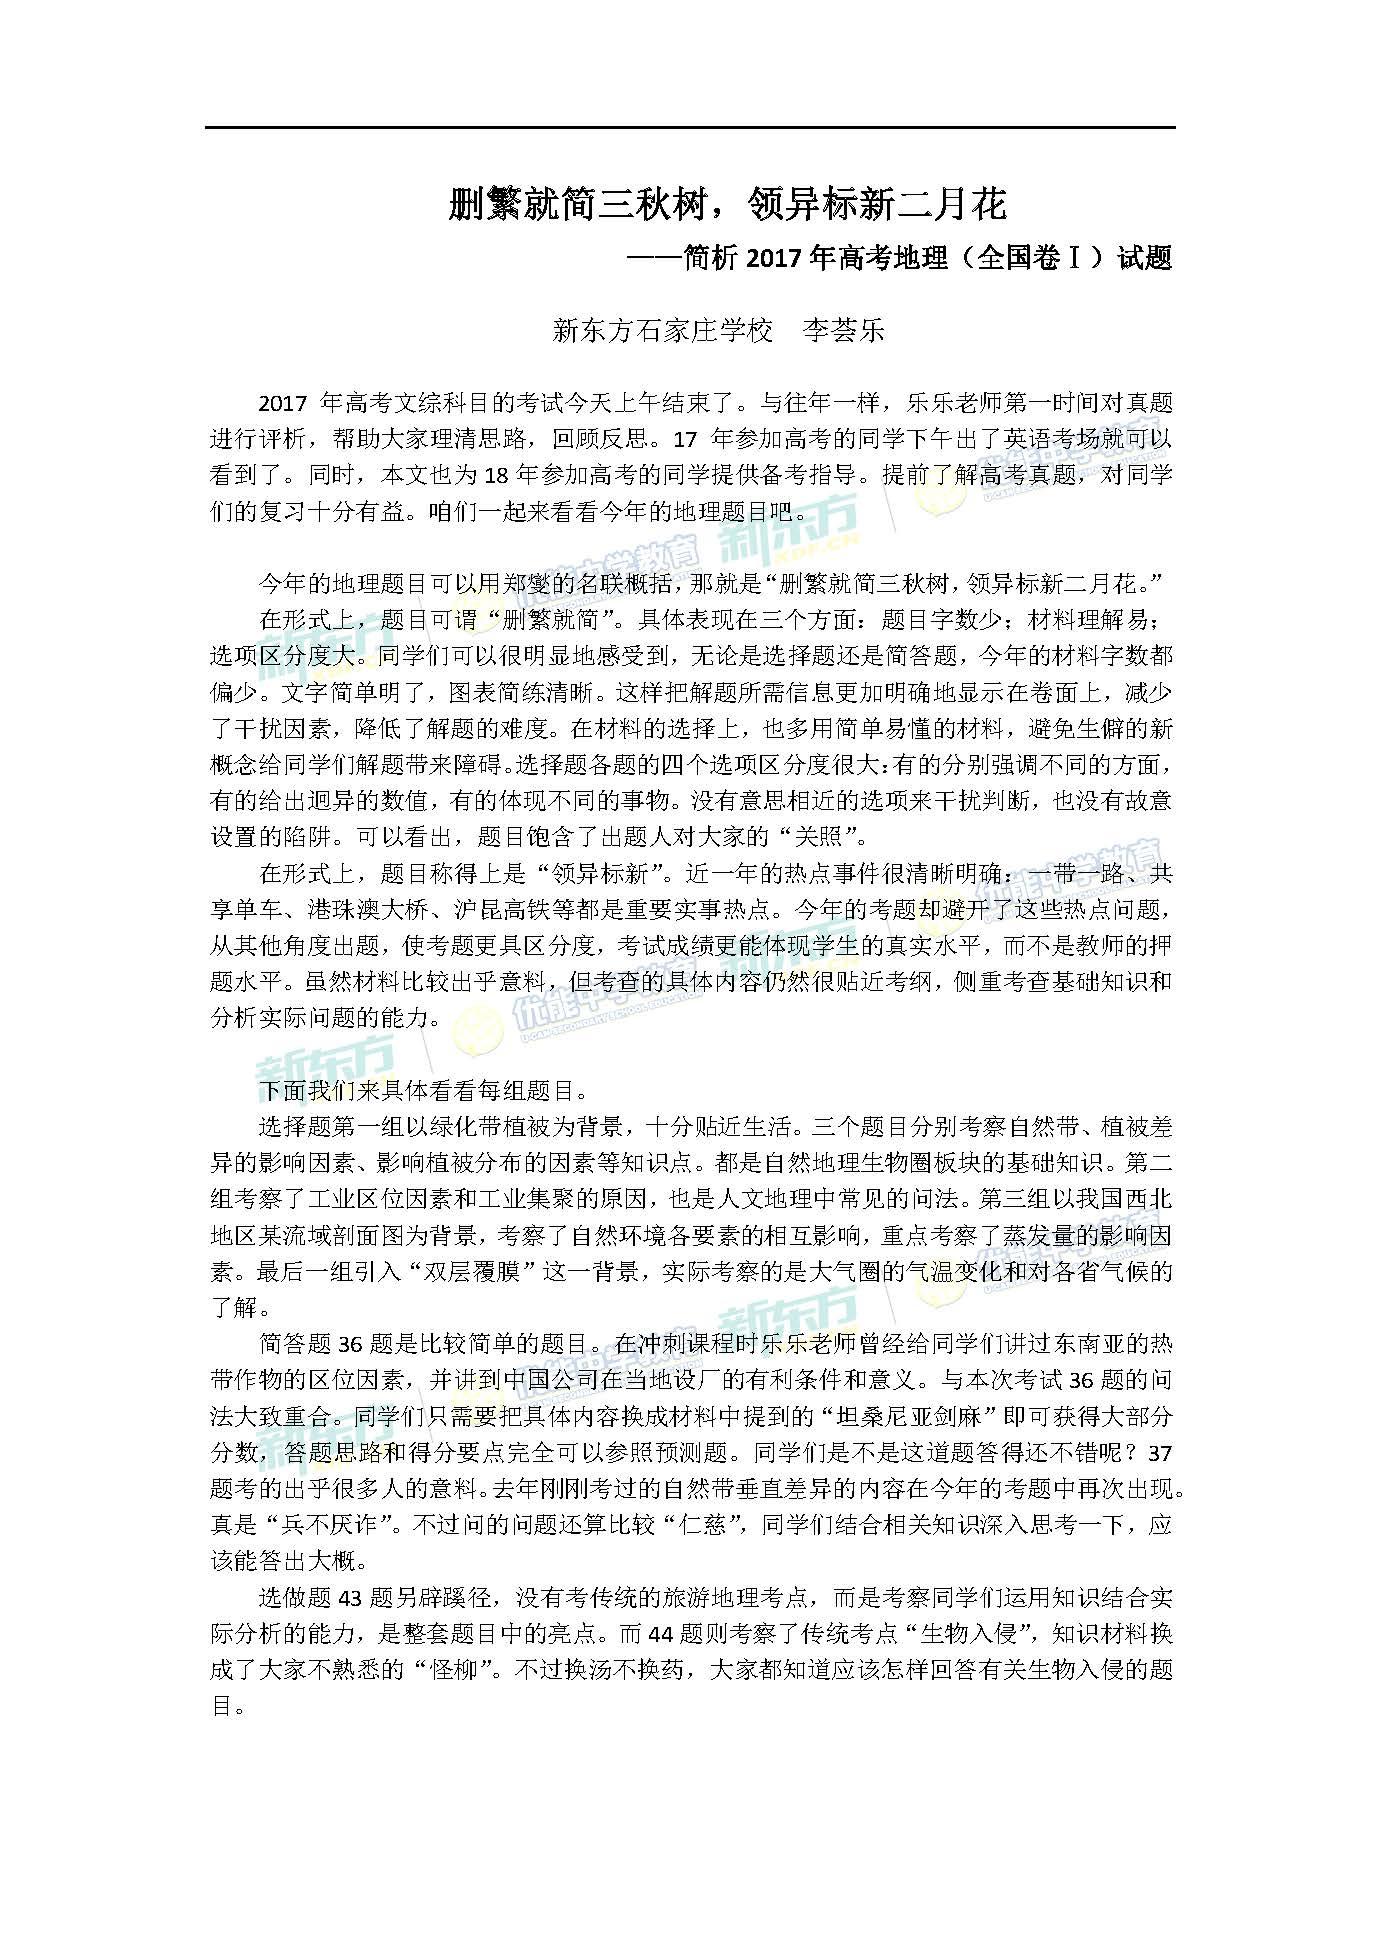 2017高考全国卷1文科综合地理点评(石家庄新东方优能)